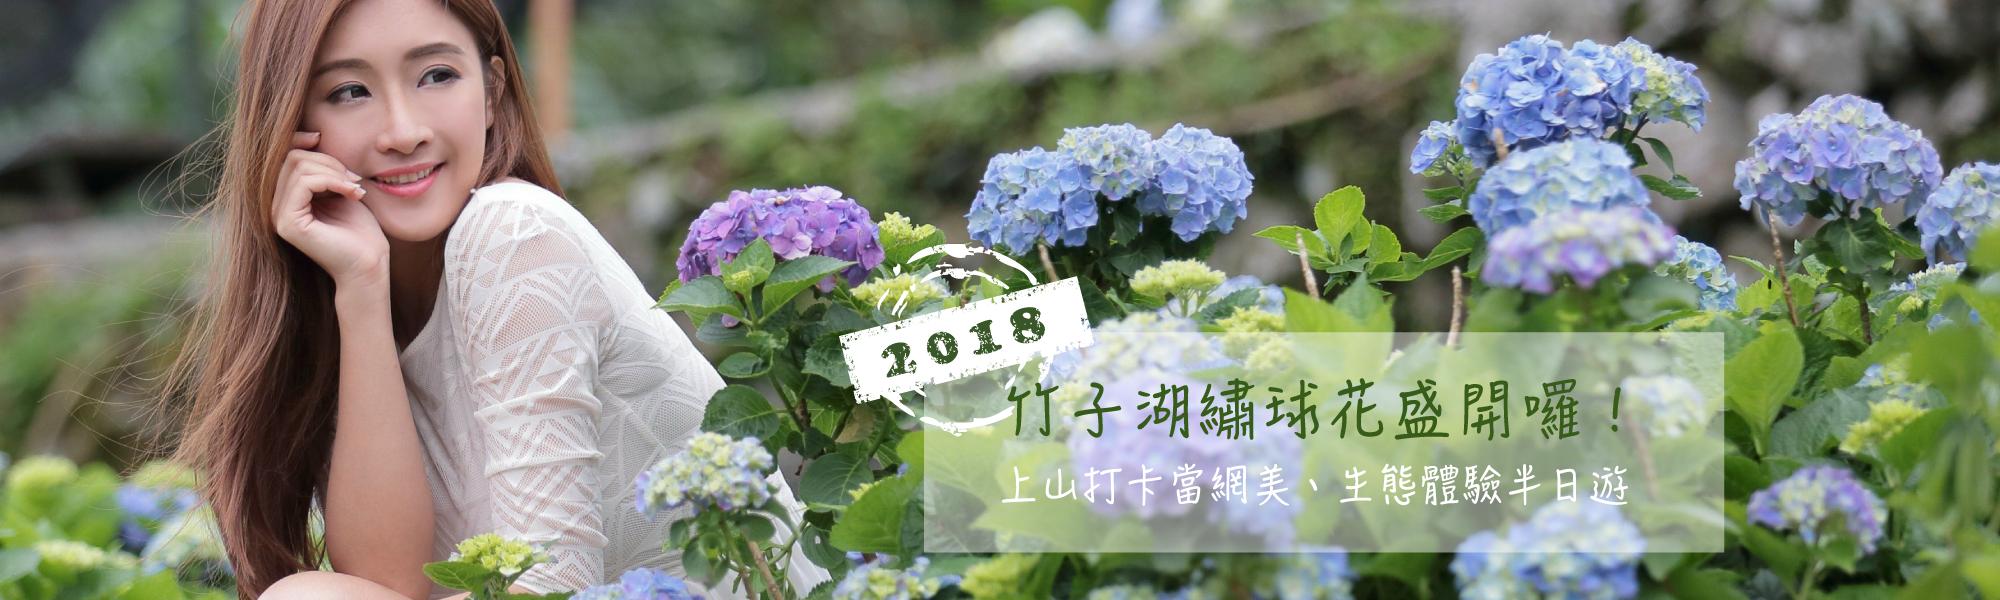 竹子湖繡球花盛開囉!上山打卡當網美、生態體驗半日遊[開啟新連結]